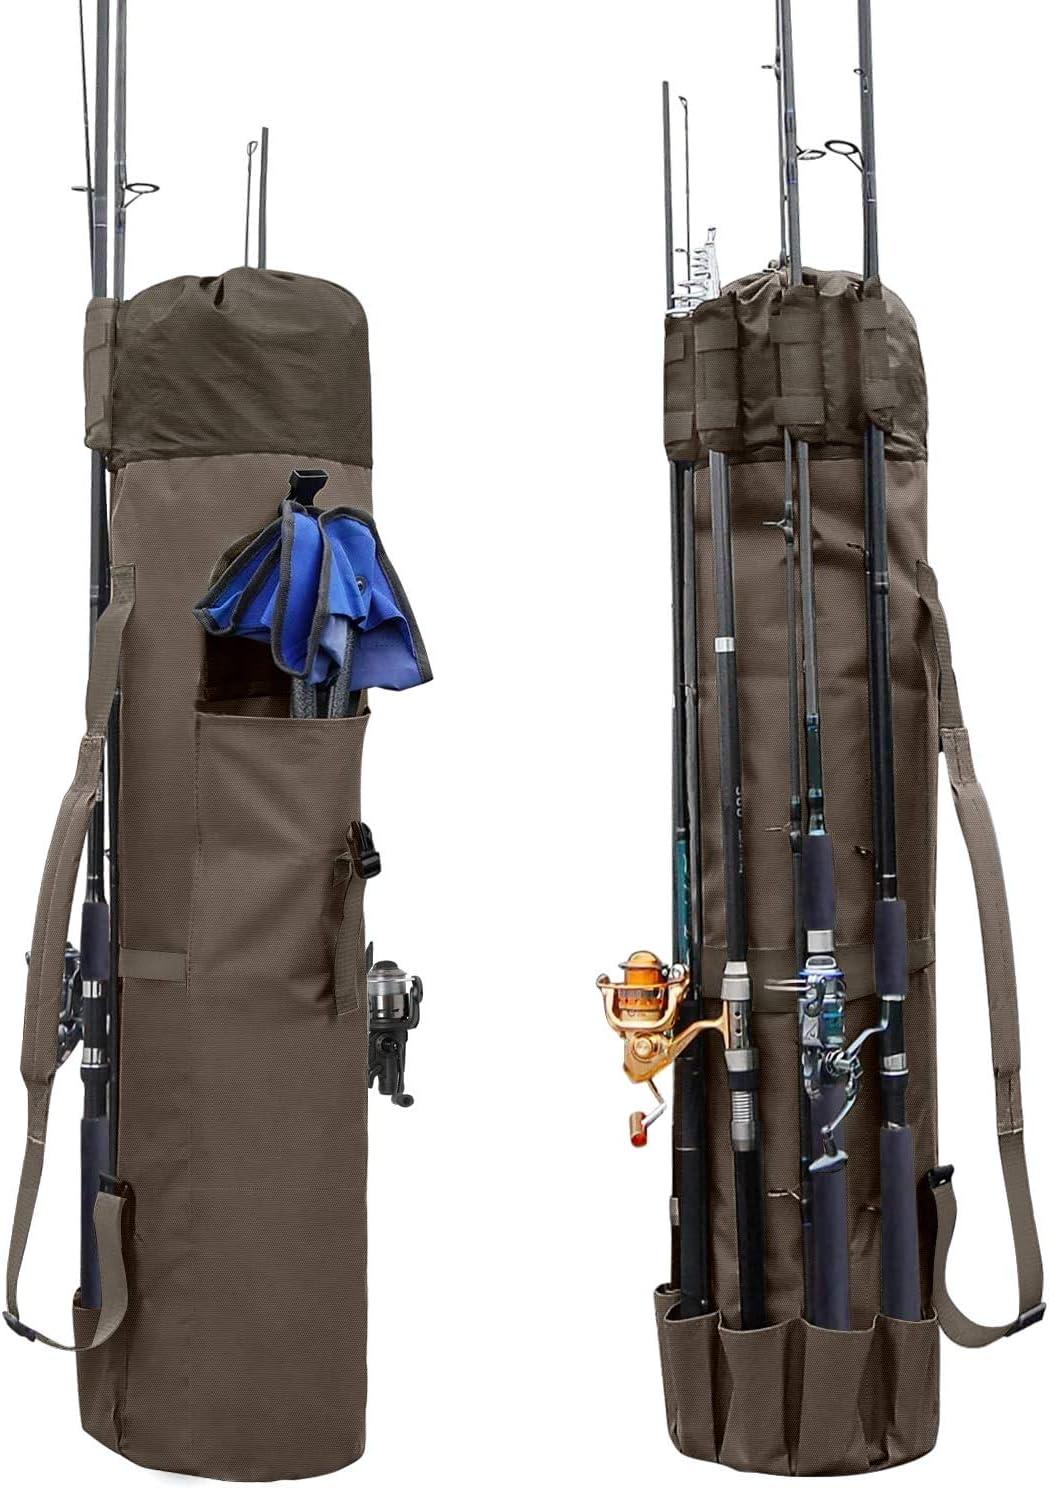 80cm Angler Angeltasche Rutentasche Teleskopangel Teleskop Ruten Angel Tasche